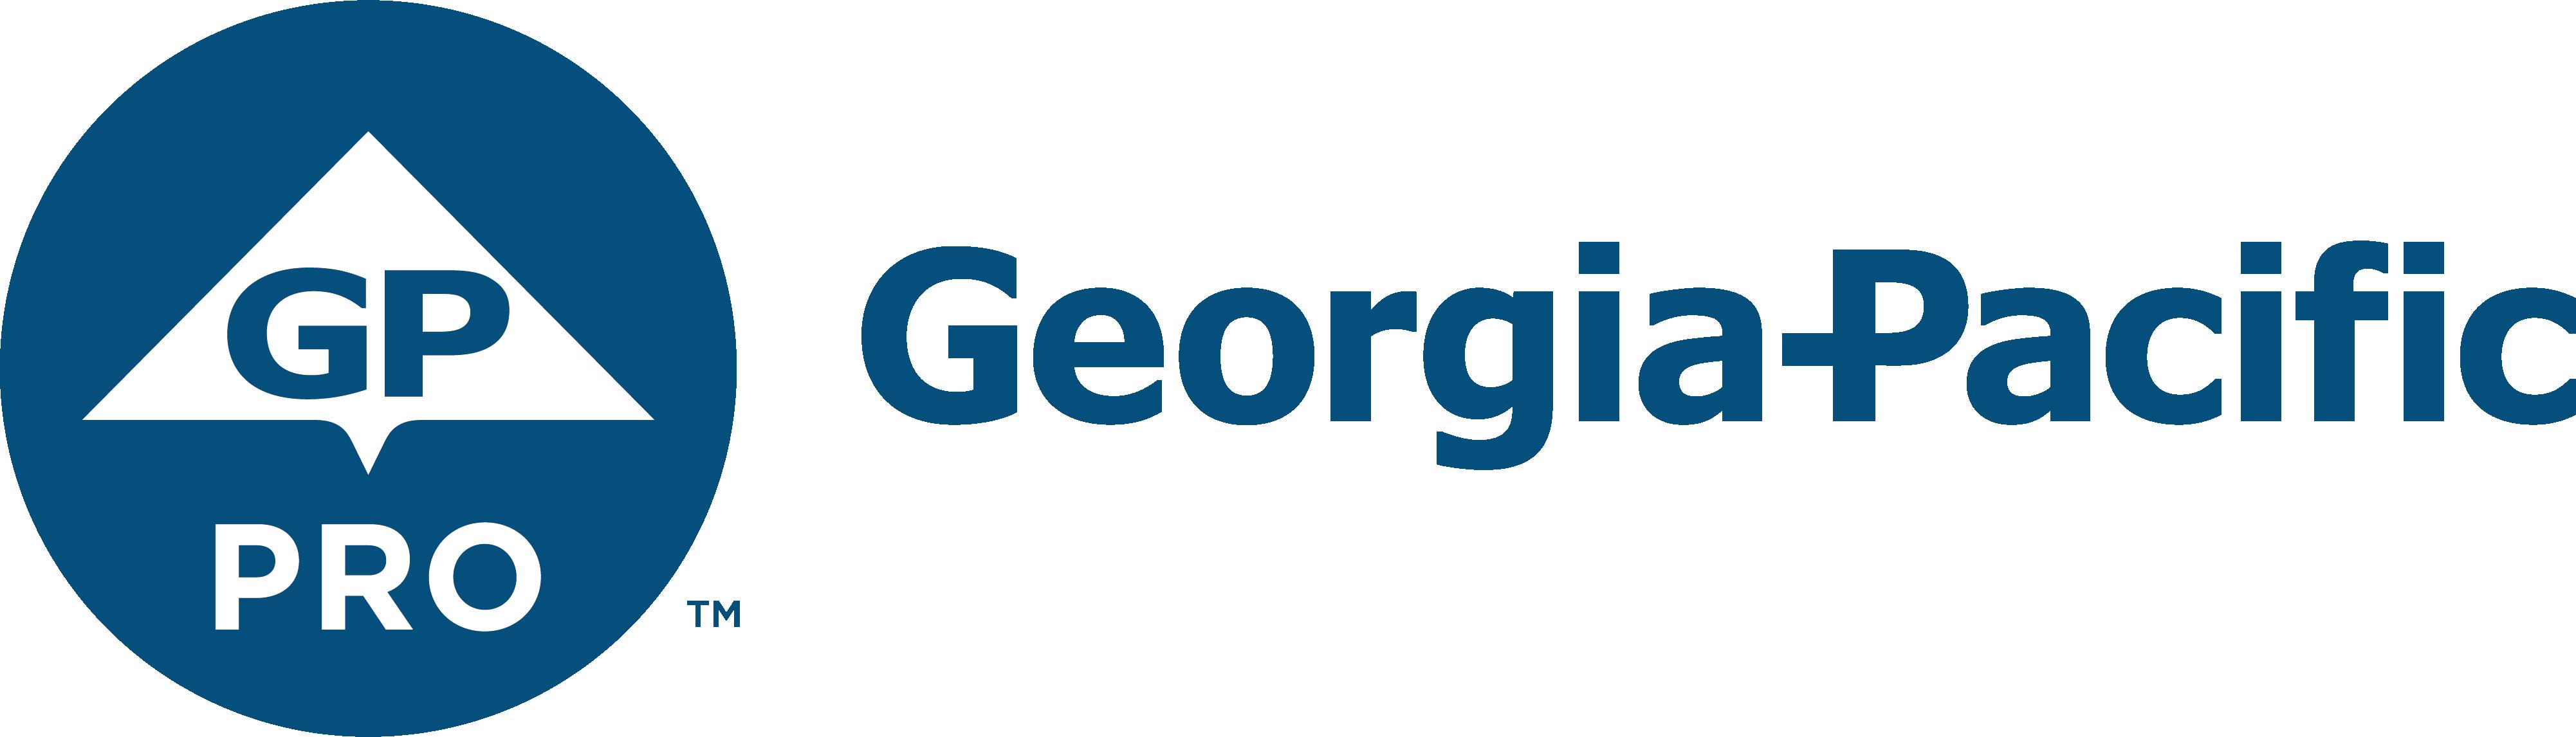 GP PRO_Georgia Pacific Public